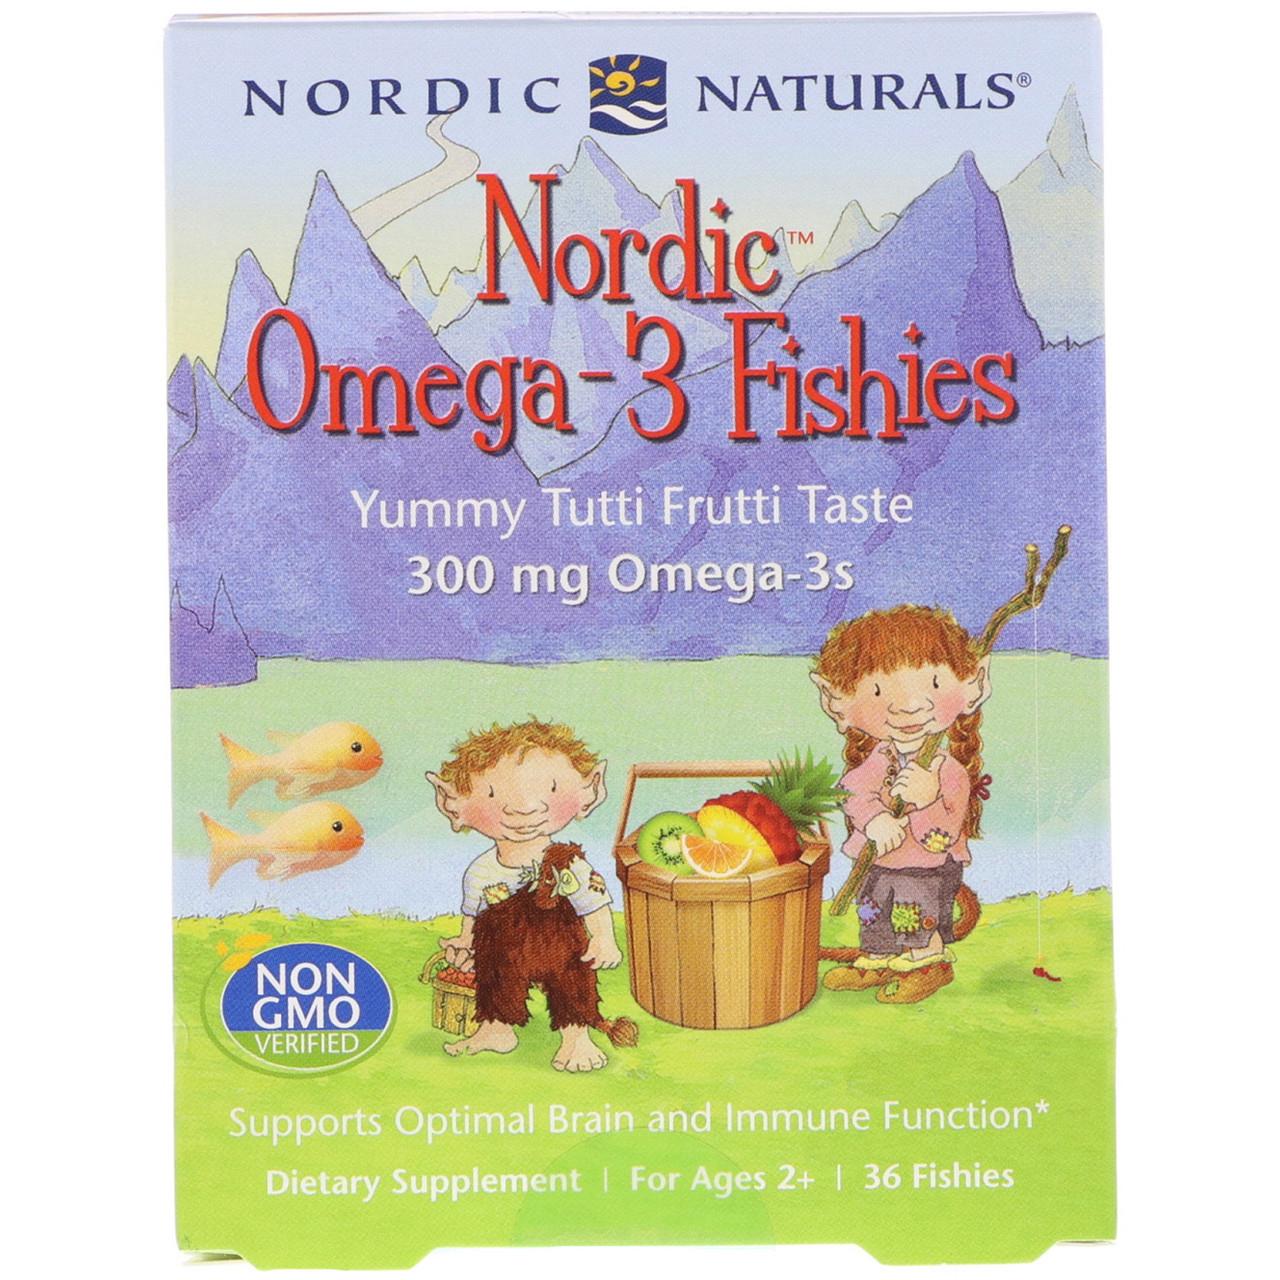 Nordic Naturals, Конфеты в виде рыбок от Nordic с омега-3, со вкусом засахаренных фруктов, 300 мг, 36 конфет